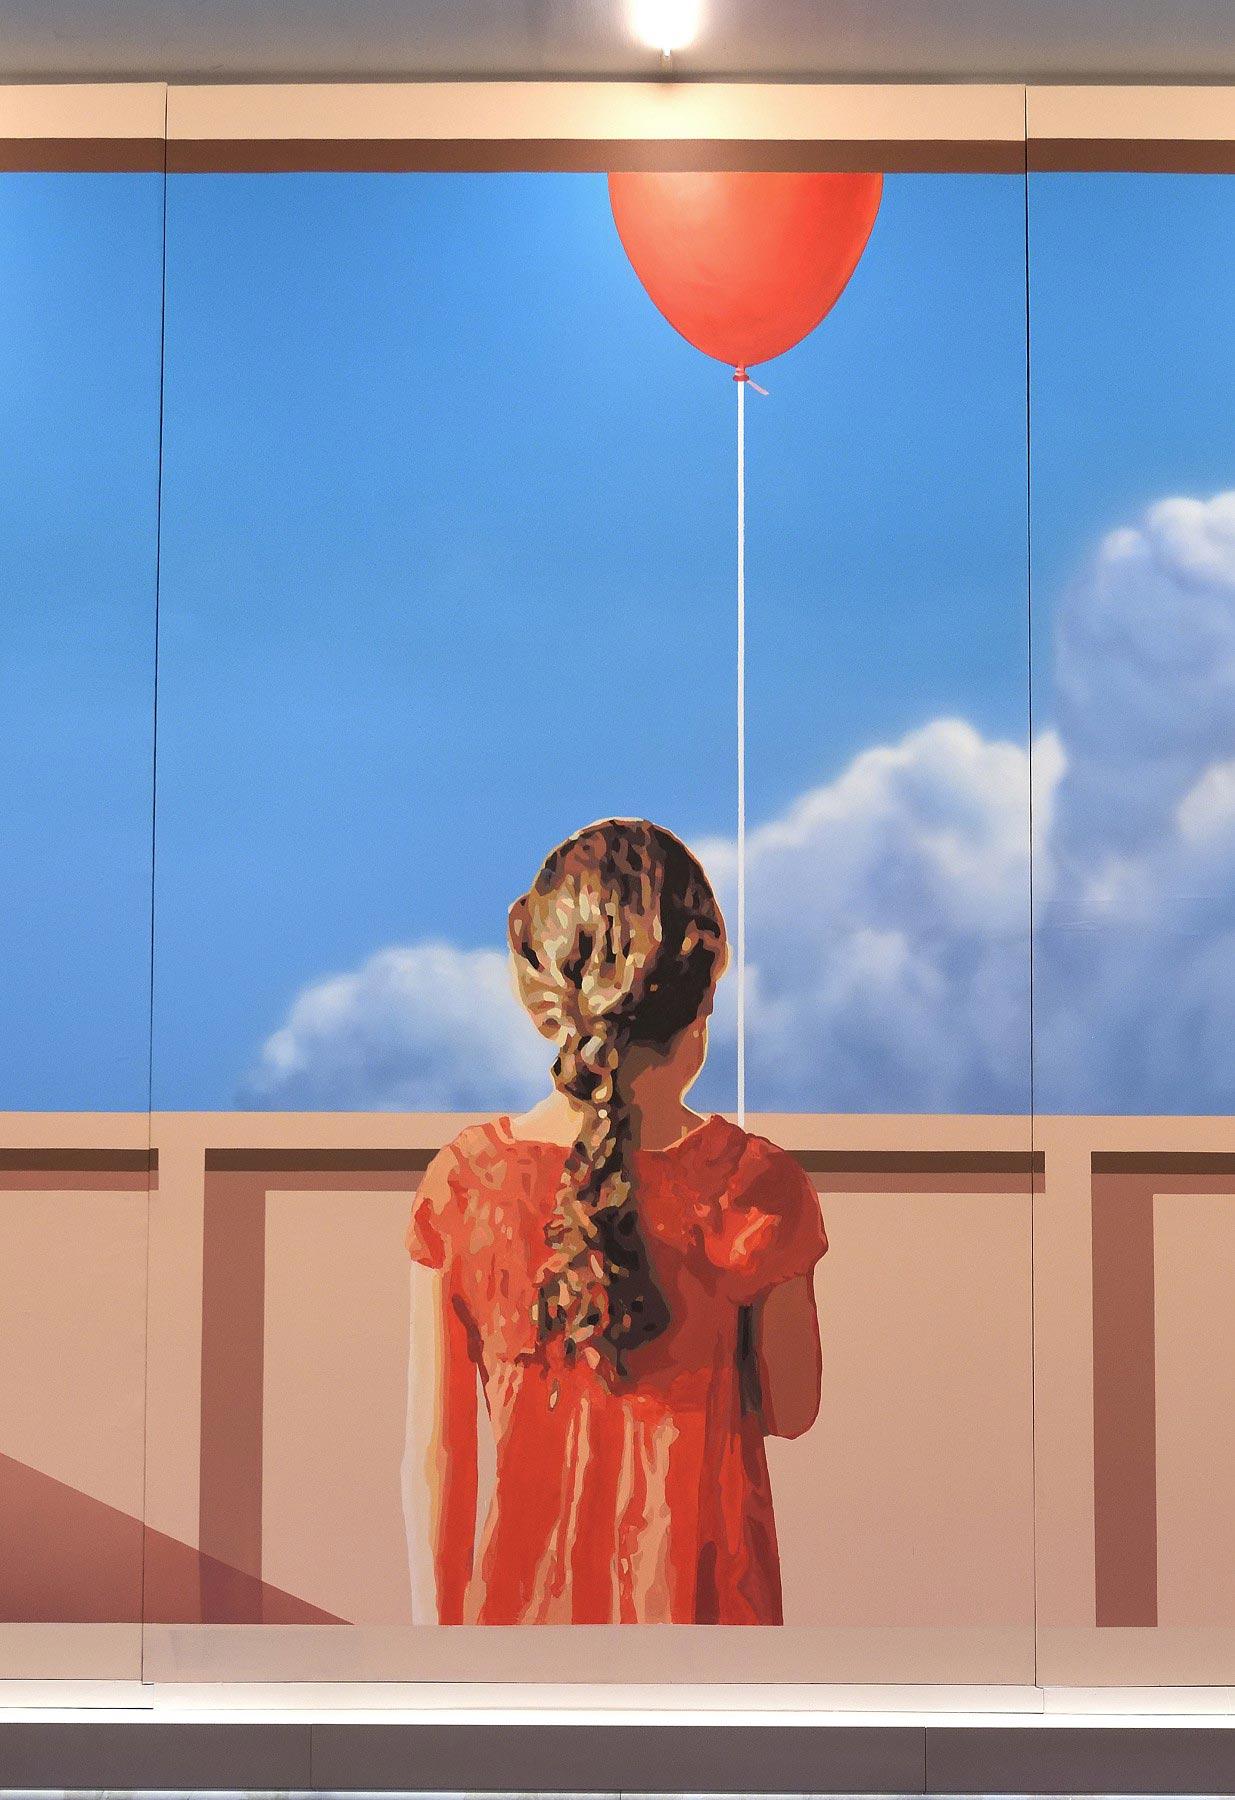 Mural de Mehdi Ghadyanloo sobre la esperanza de niña con vestido rojo